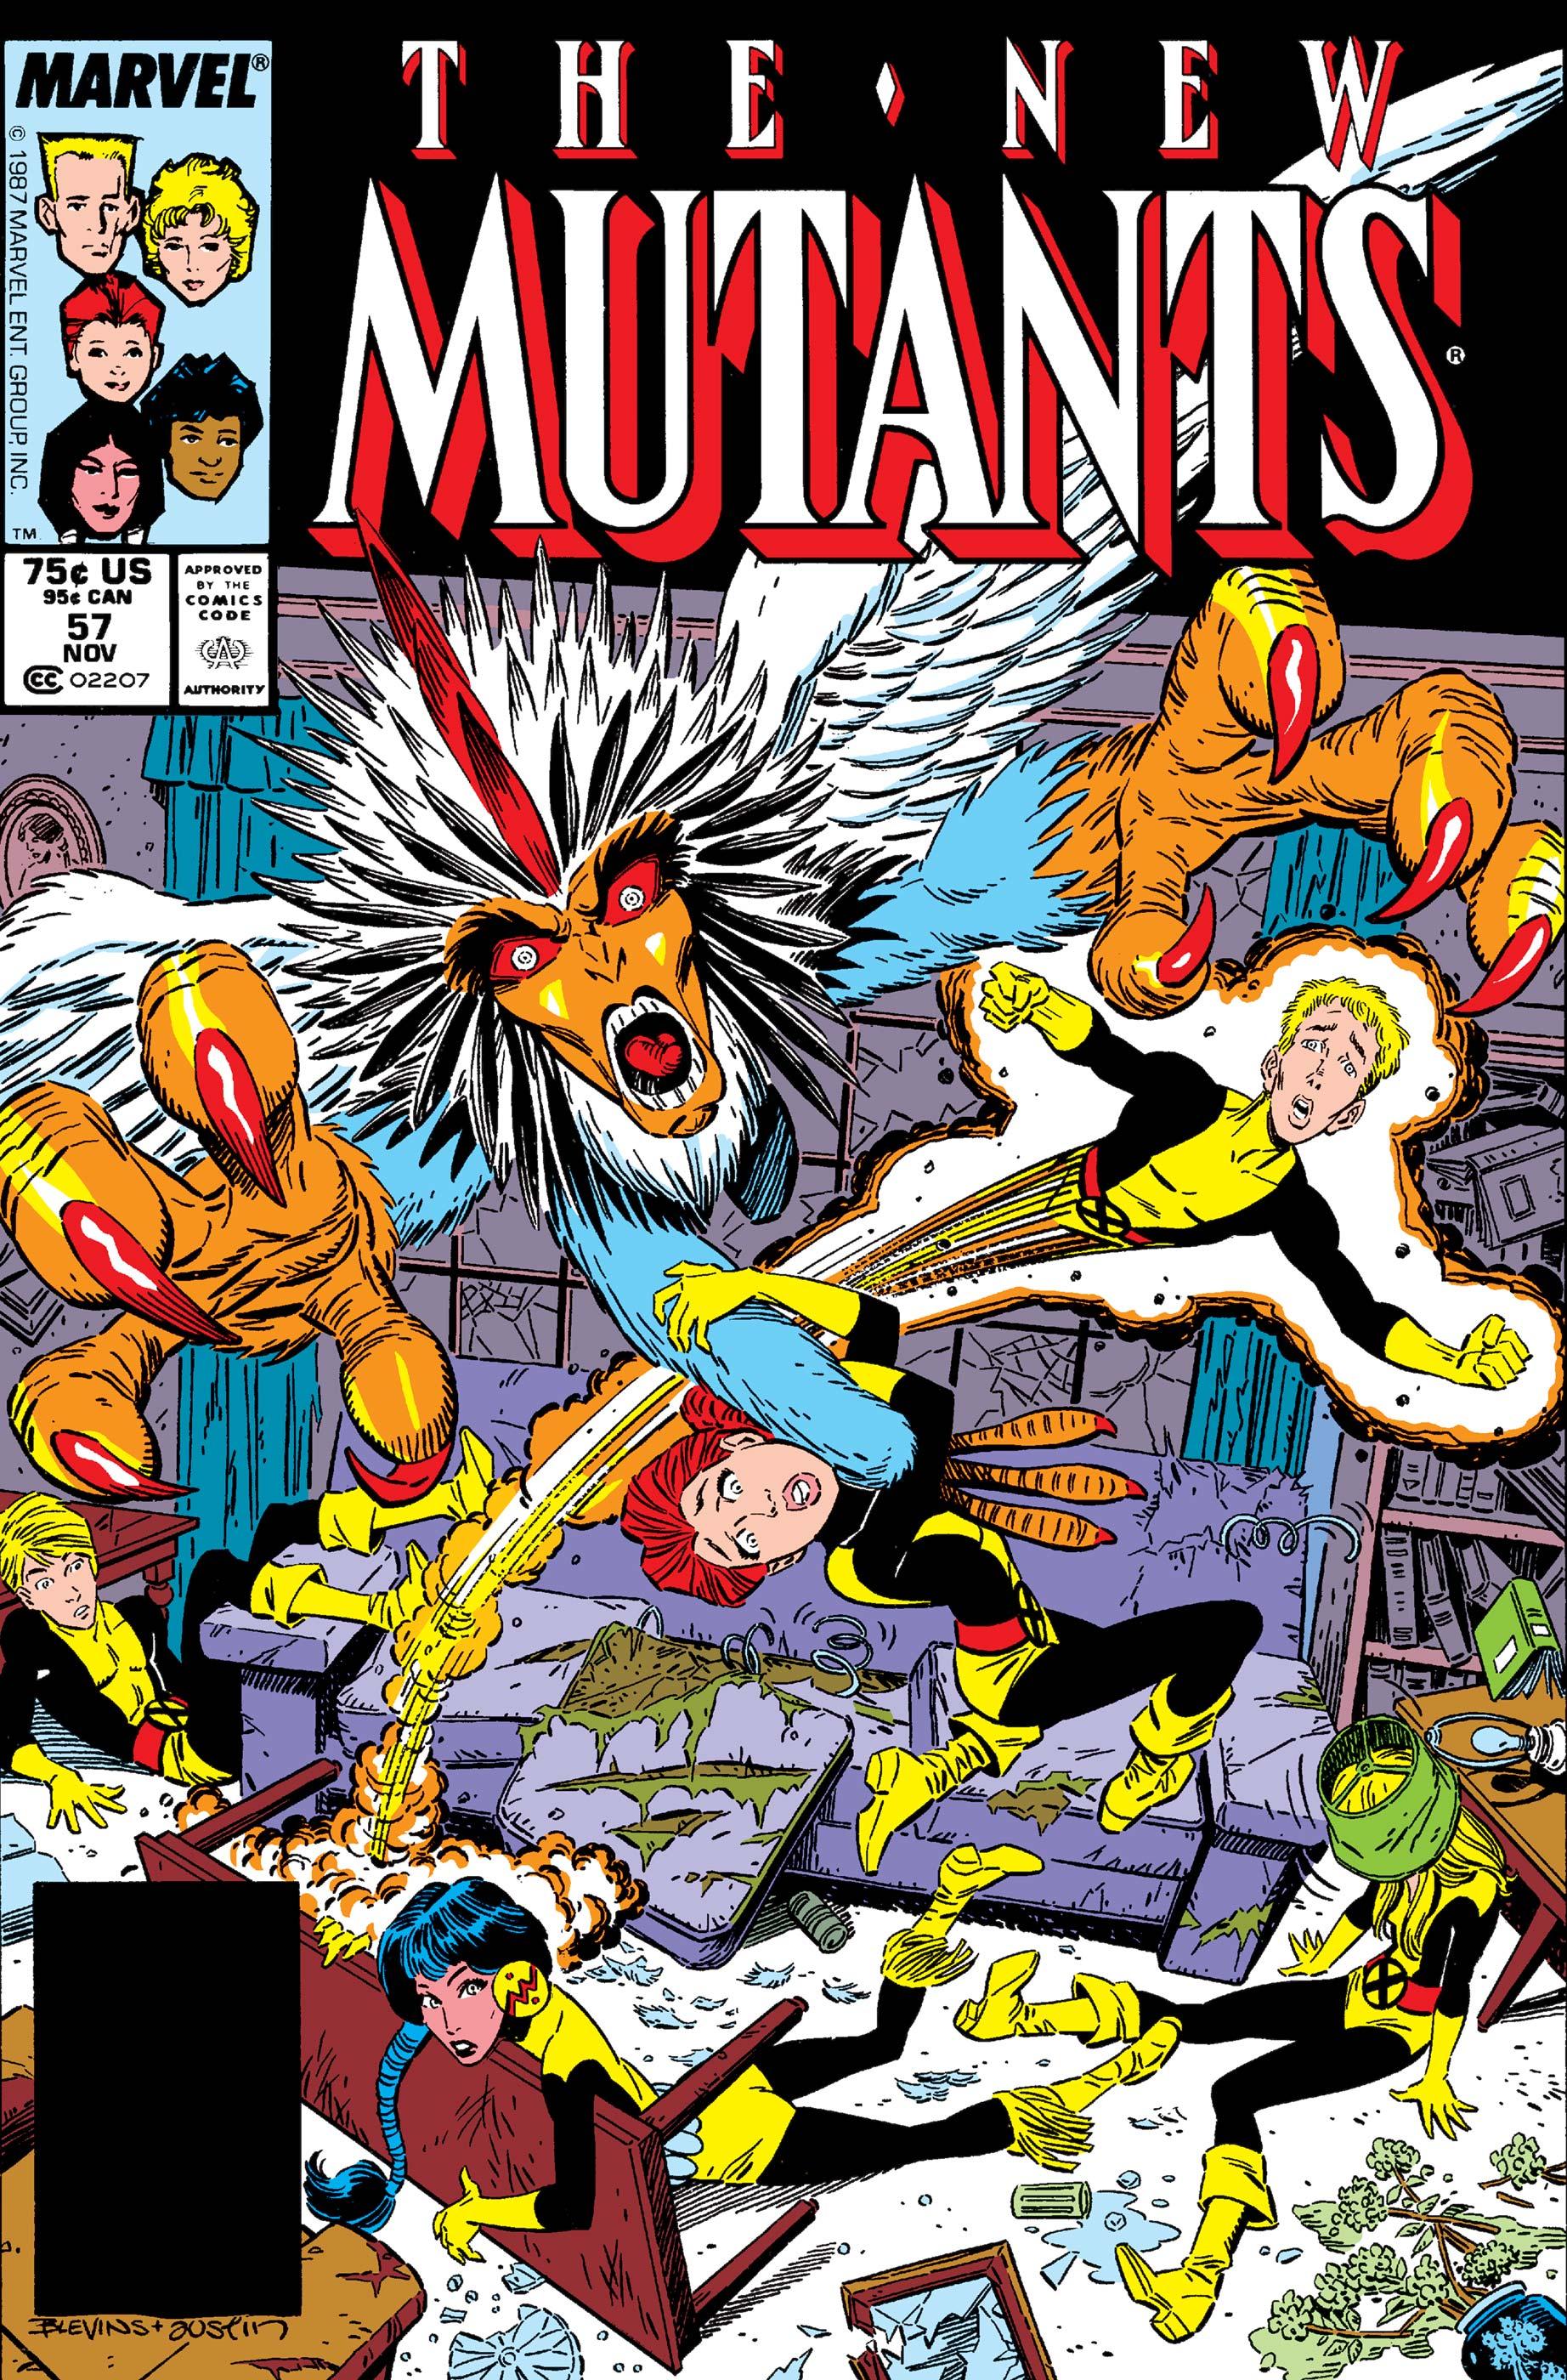 New Mutants (1983) #57